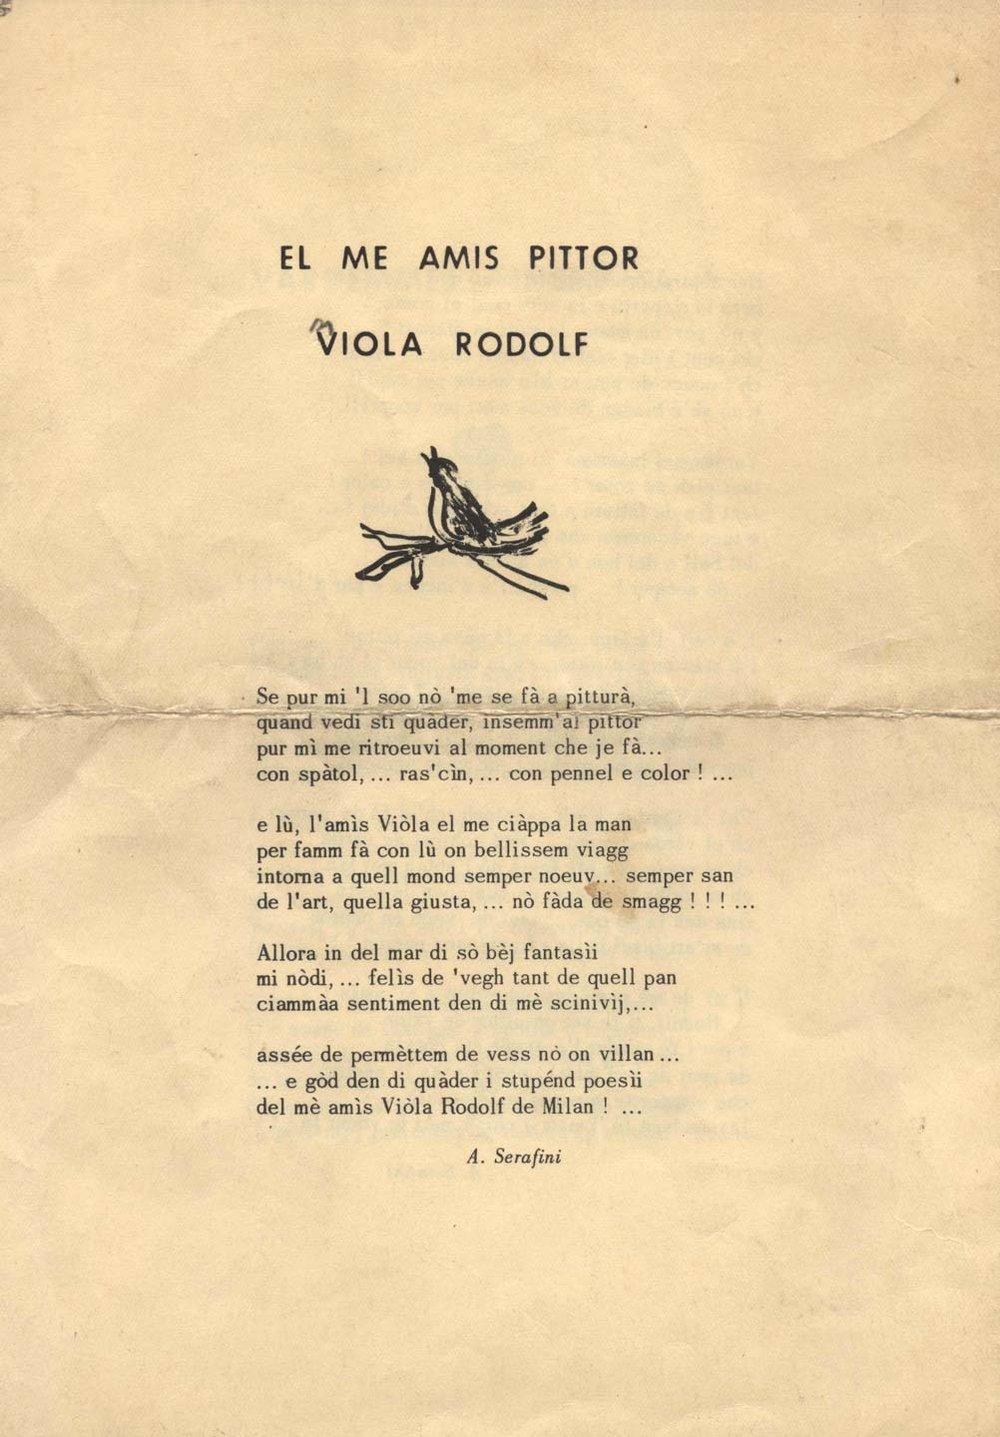 Dedica di Aldo Serafini a Rodolfo Viola